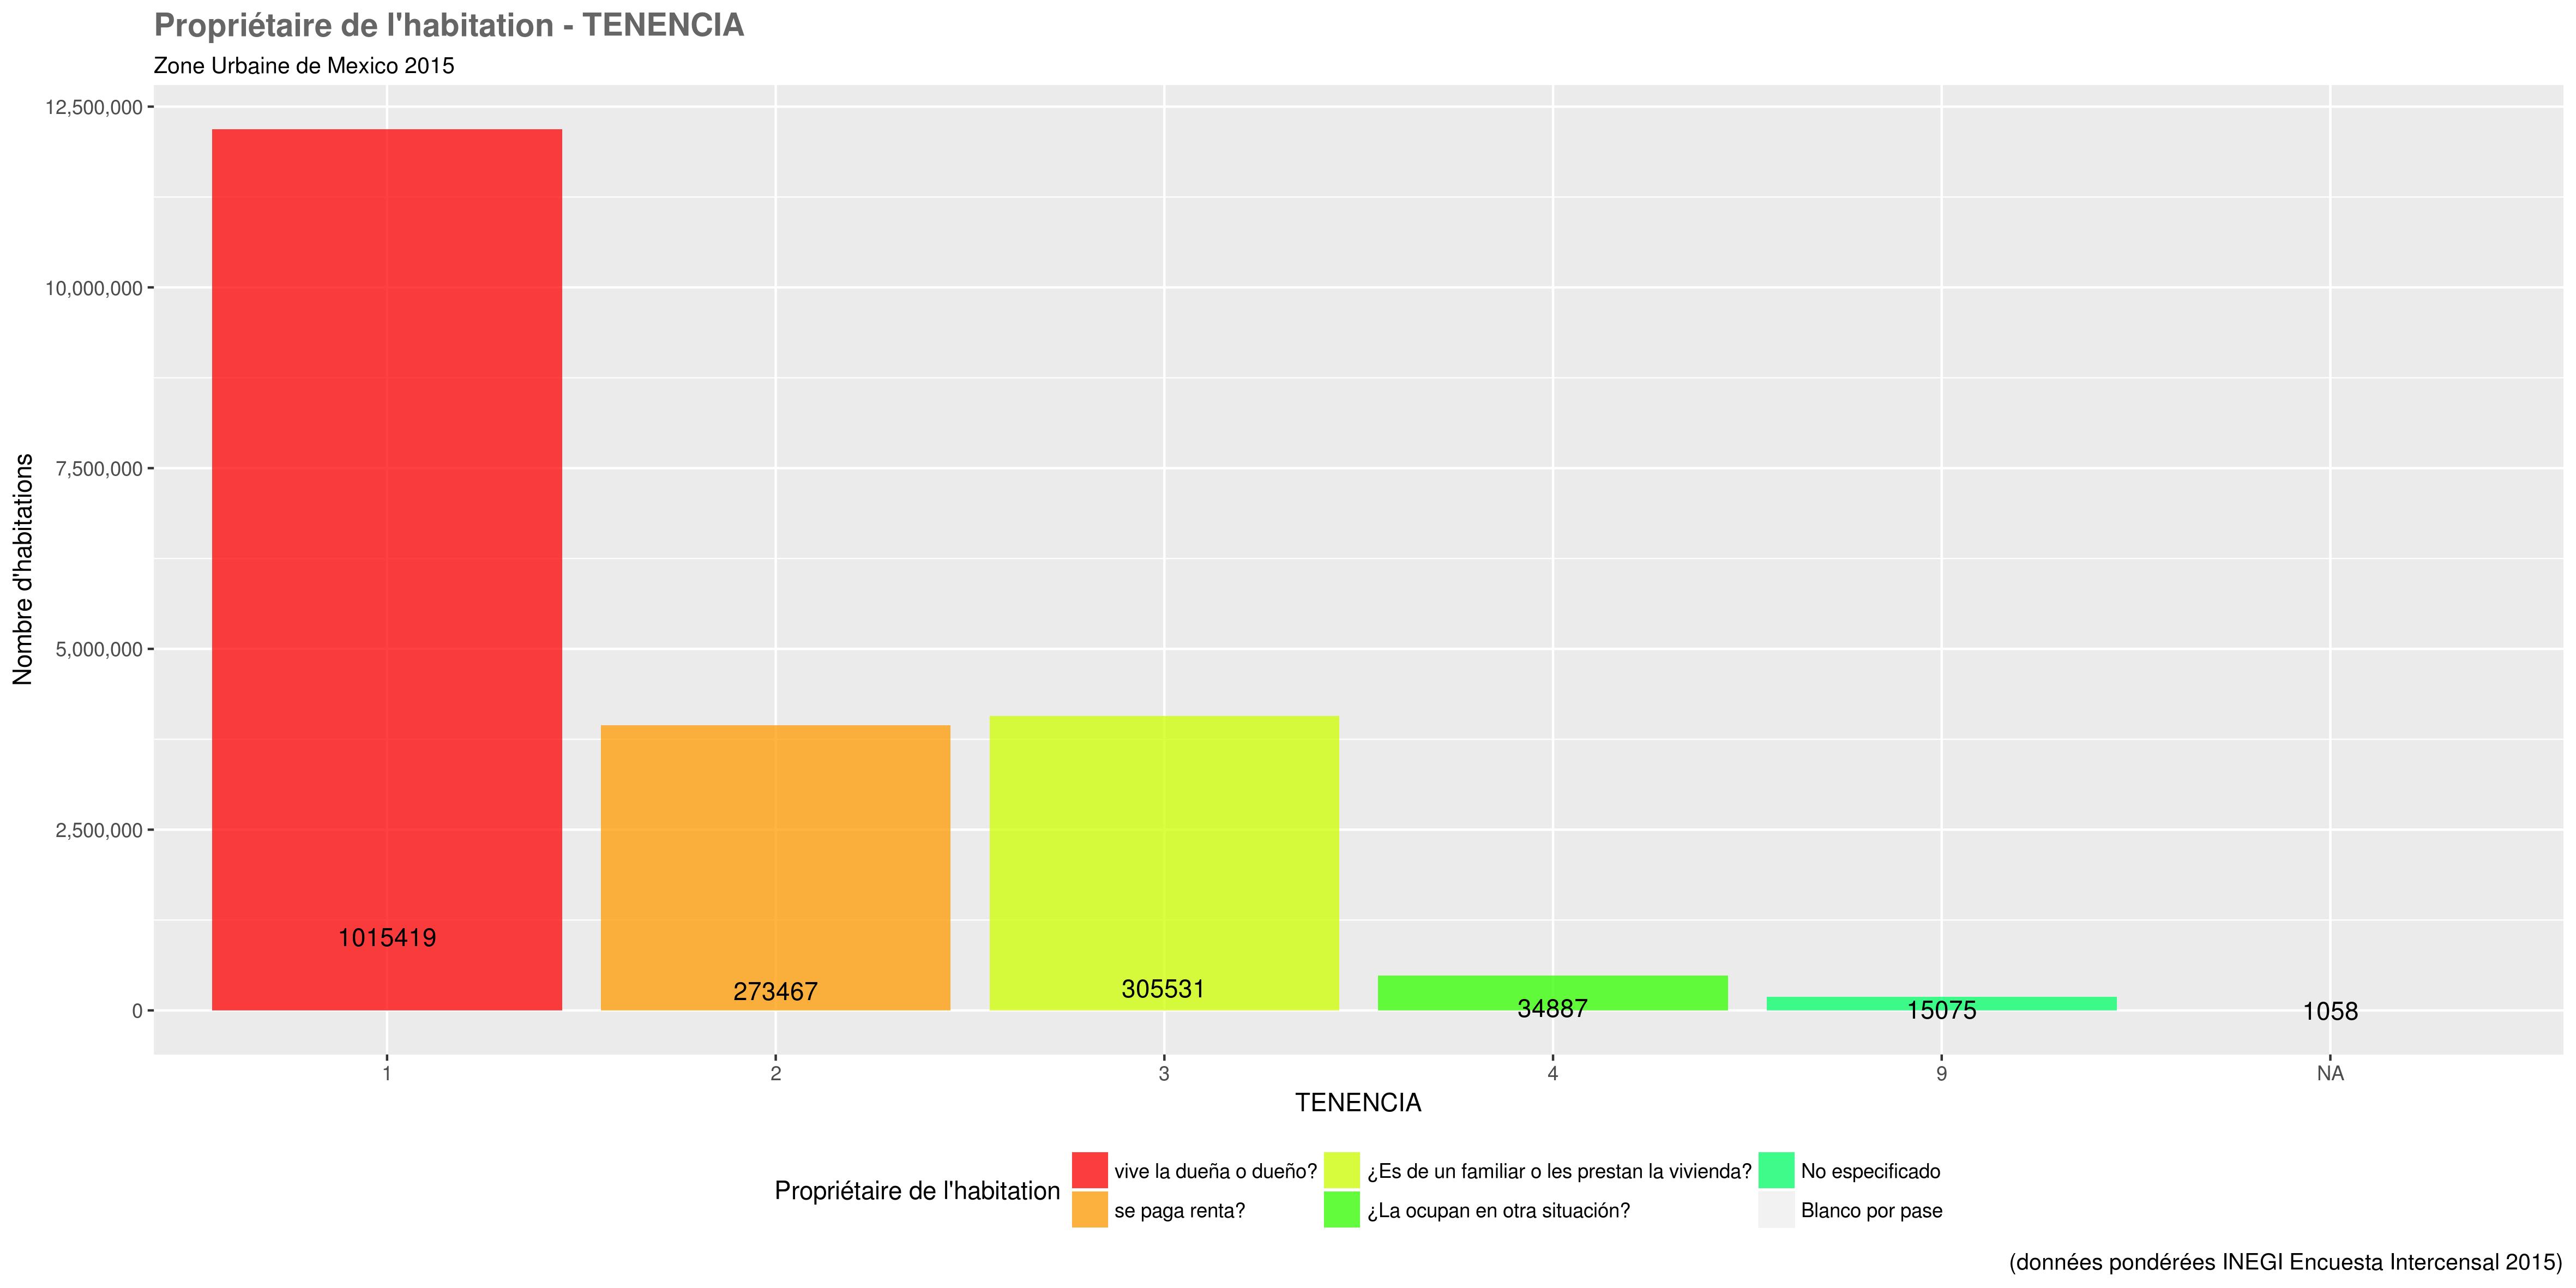 docs/images/distri_variables/TENENCIA.png